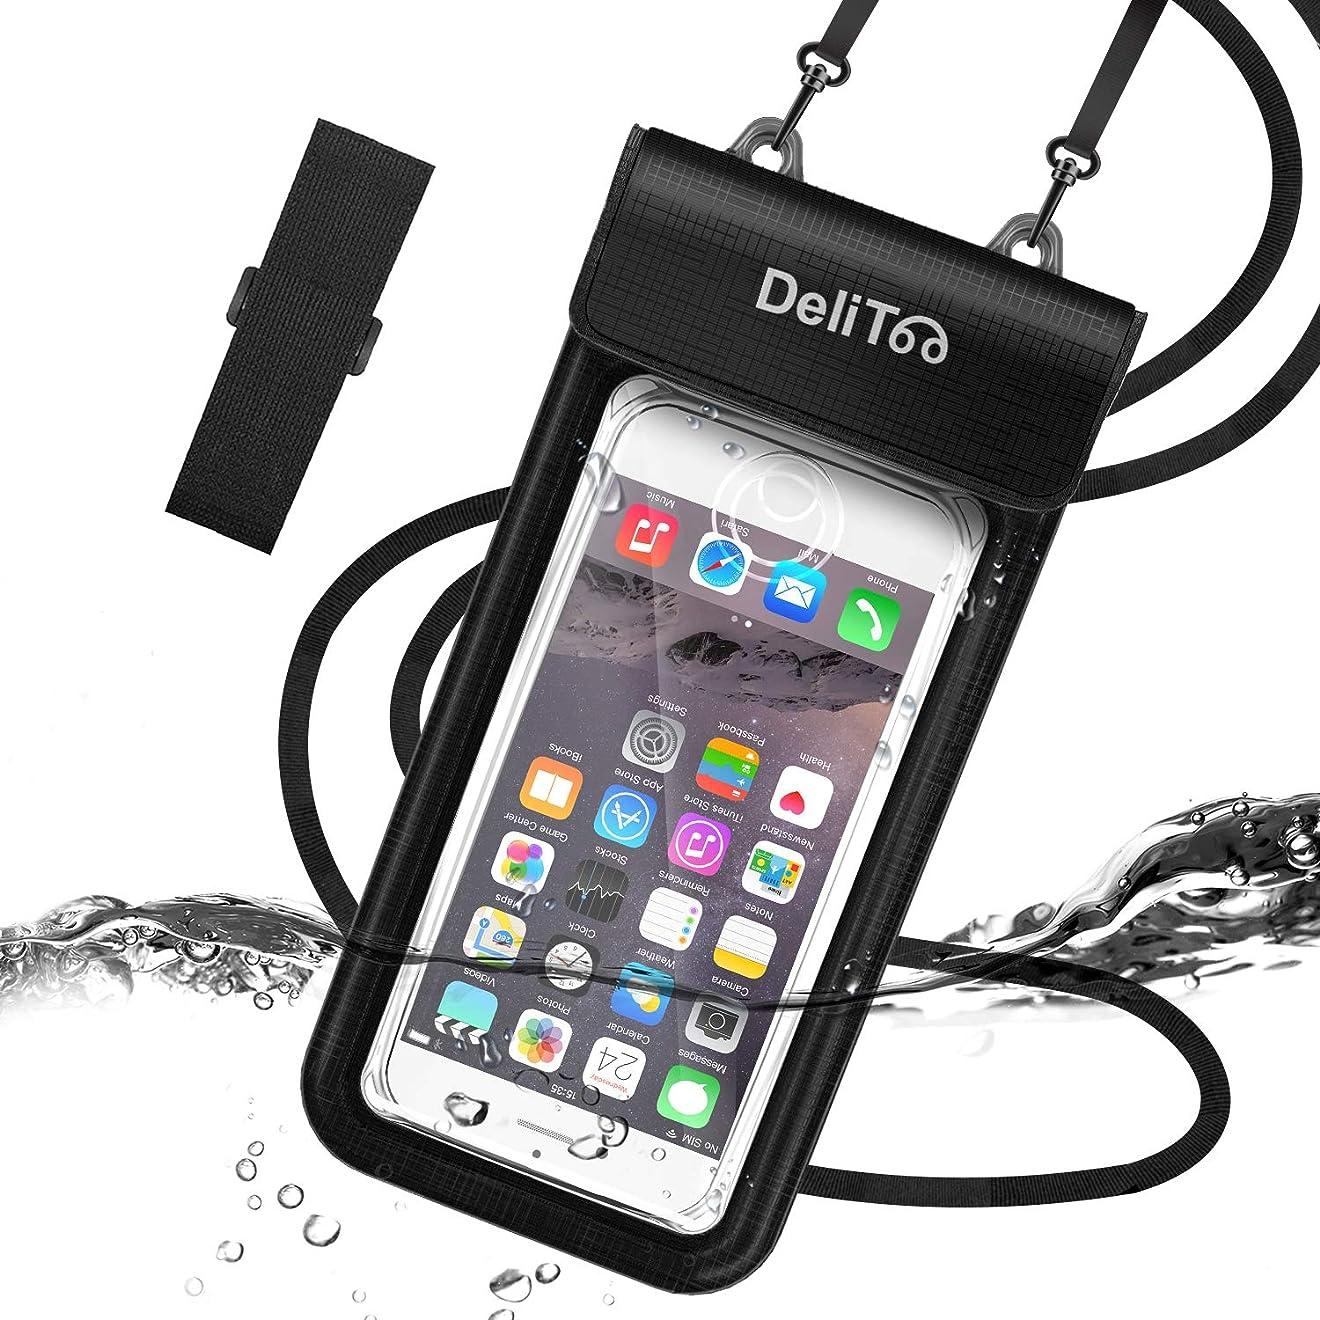 メッシュ付添人たまに【3重密閉&2重折り返し】防水ケース スマホ用 IPX8 指紋認証 顔認証 防水携帯ケース タッチ可 水中撮影 iPhone/Android 6.44インチ以下全機種対応 ストラップ&アームバンド付き 海水浴 水泳 釣りなど適用